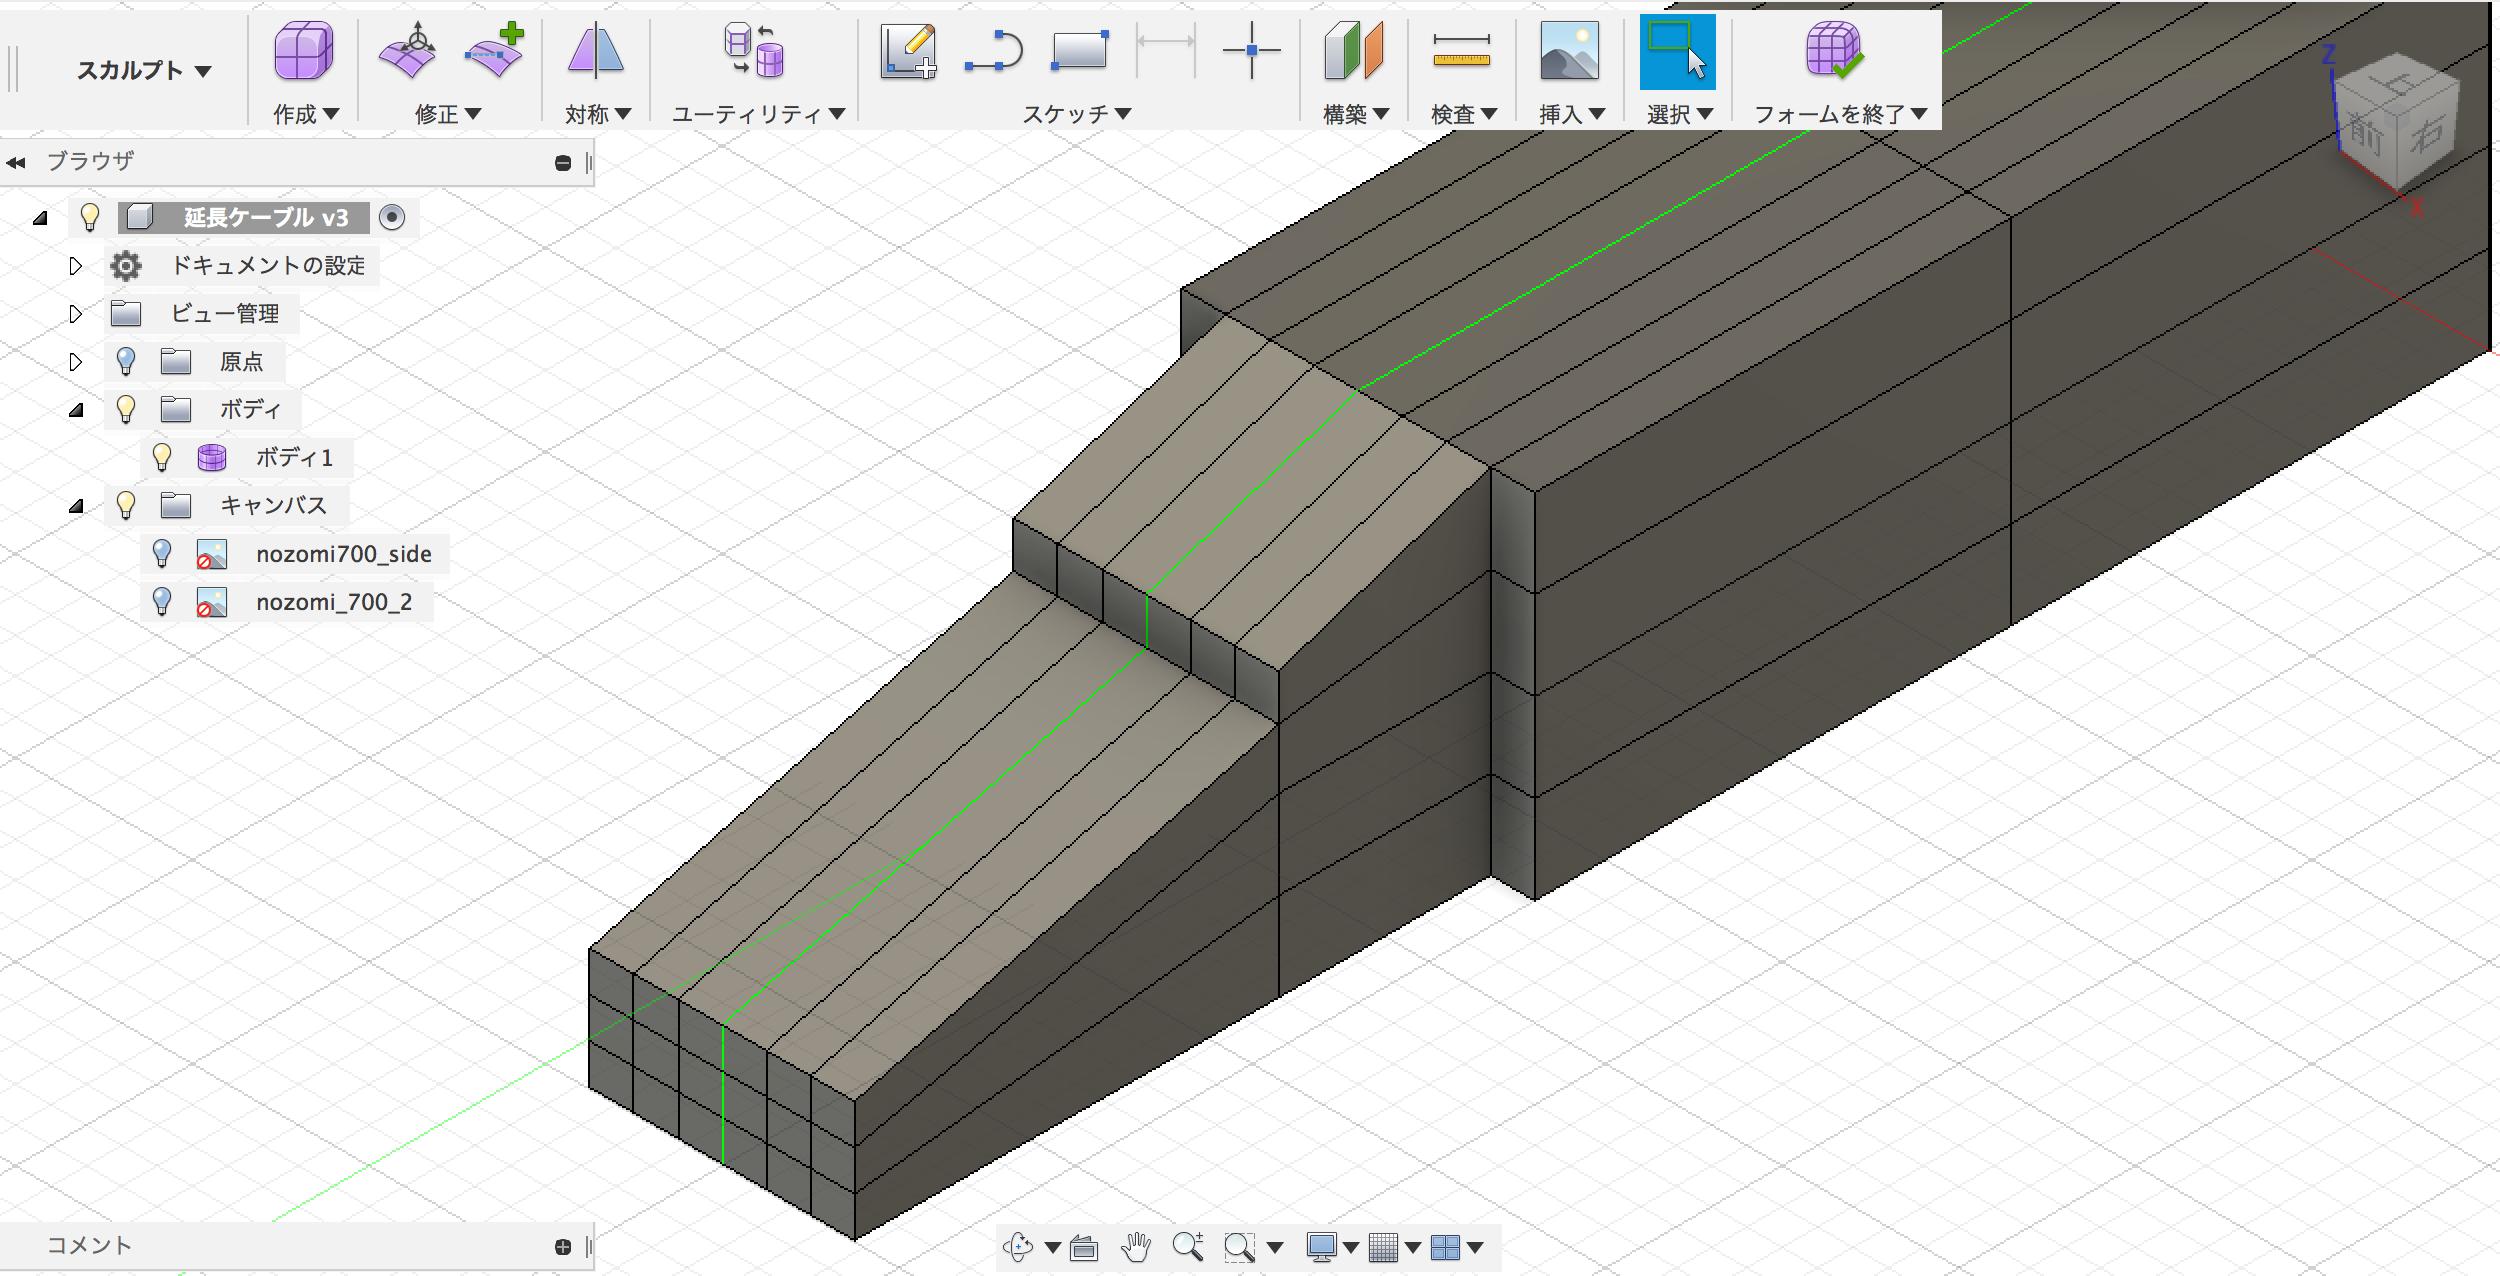 スカルプトのブロック表示で、大まかなポリゴンモデルを作る